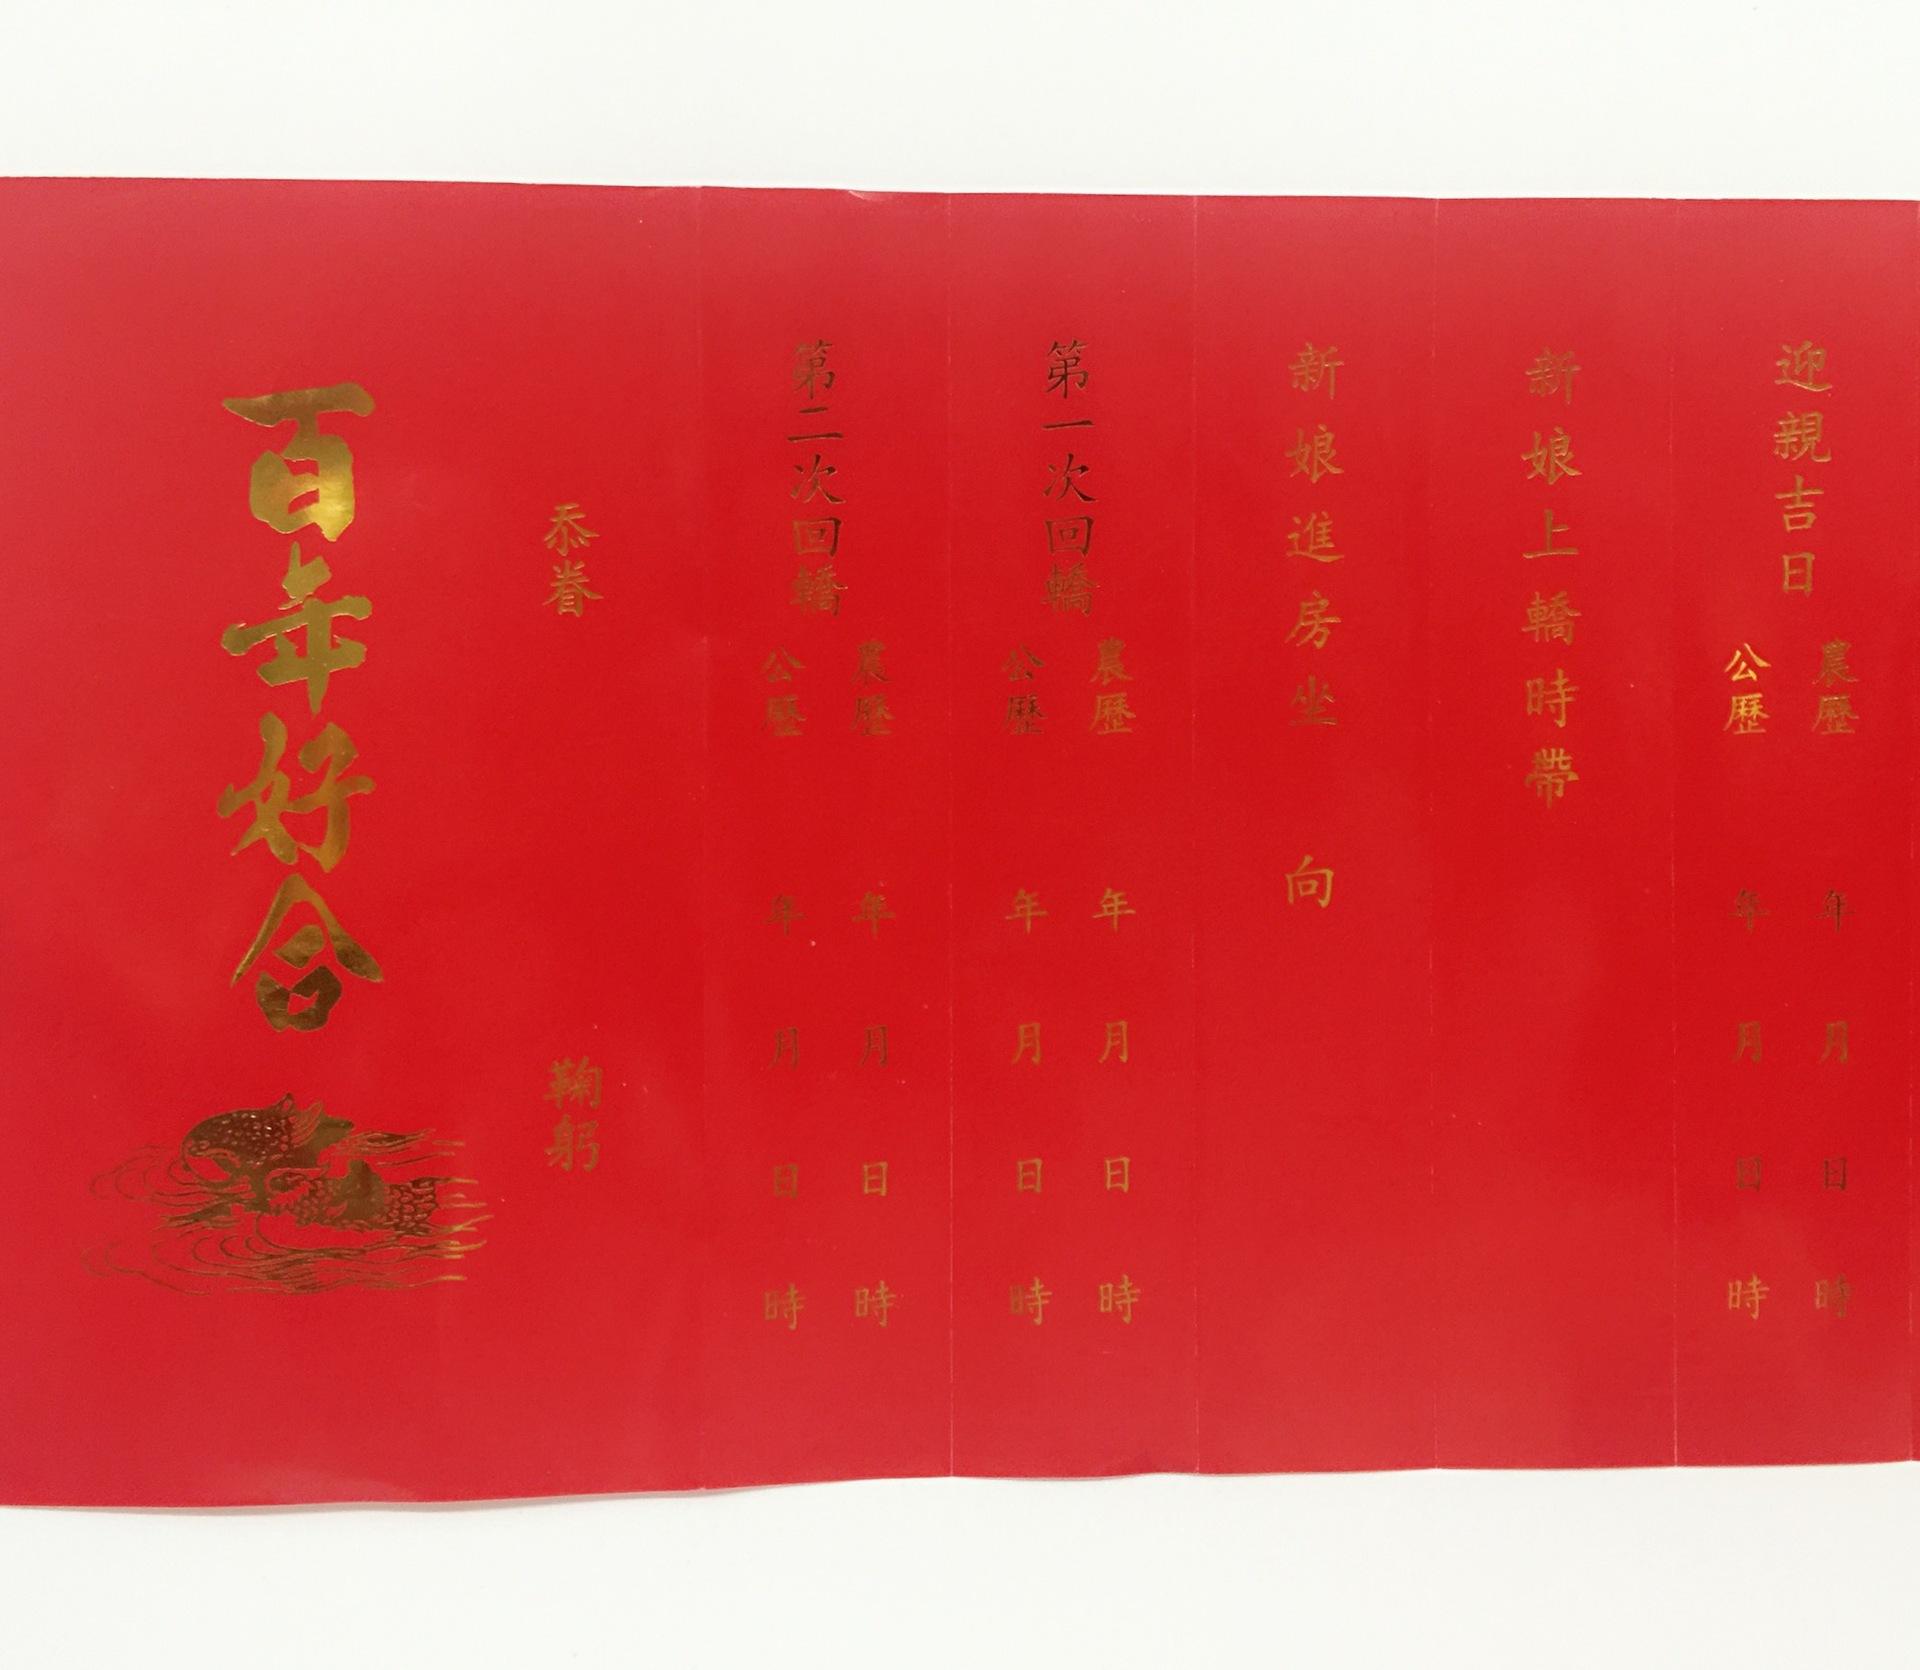 潮汕传统婚嫁娶结婚用品十二版贴12版帖揭阳下聘十二版帖喜帖婚书